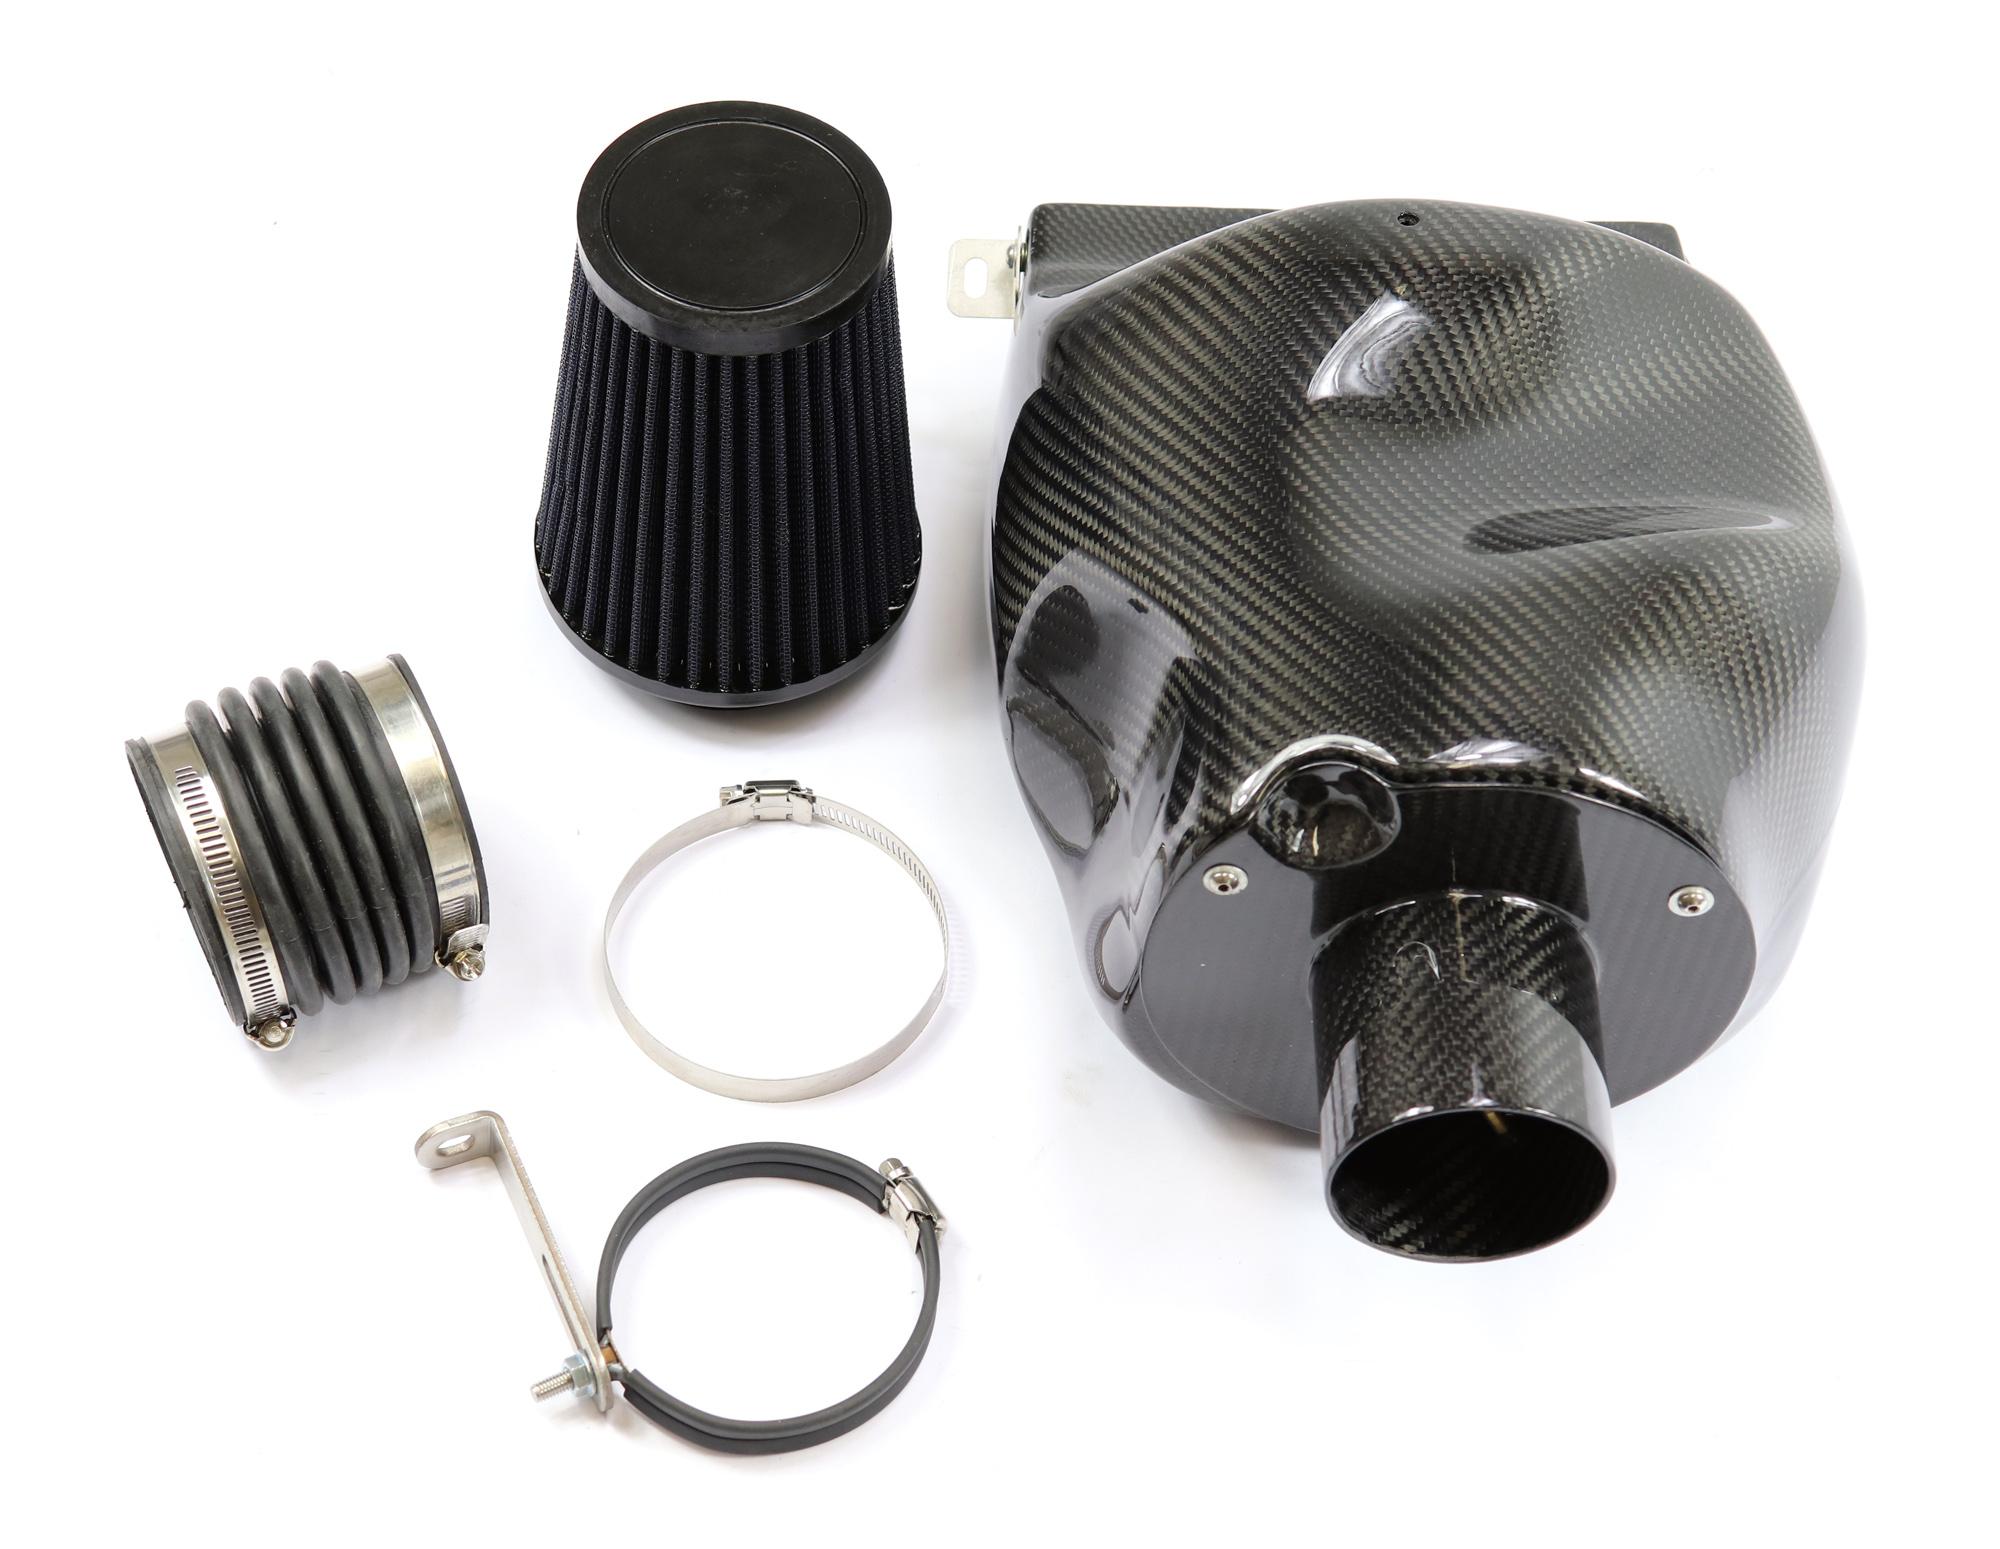 Carbon Airbox Air-Intake Lufteinlass für TDI Motoren: Golf 6 Golf 5 Audi A3 Jetta 3 - 2.0 TDI